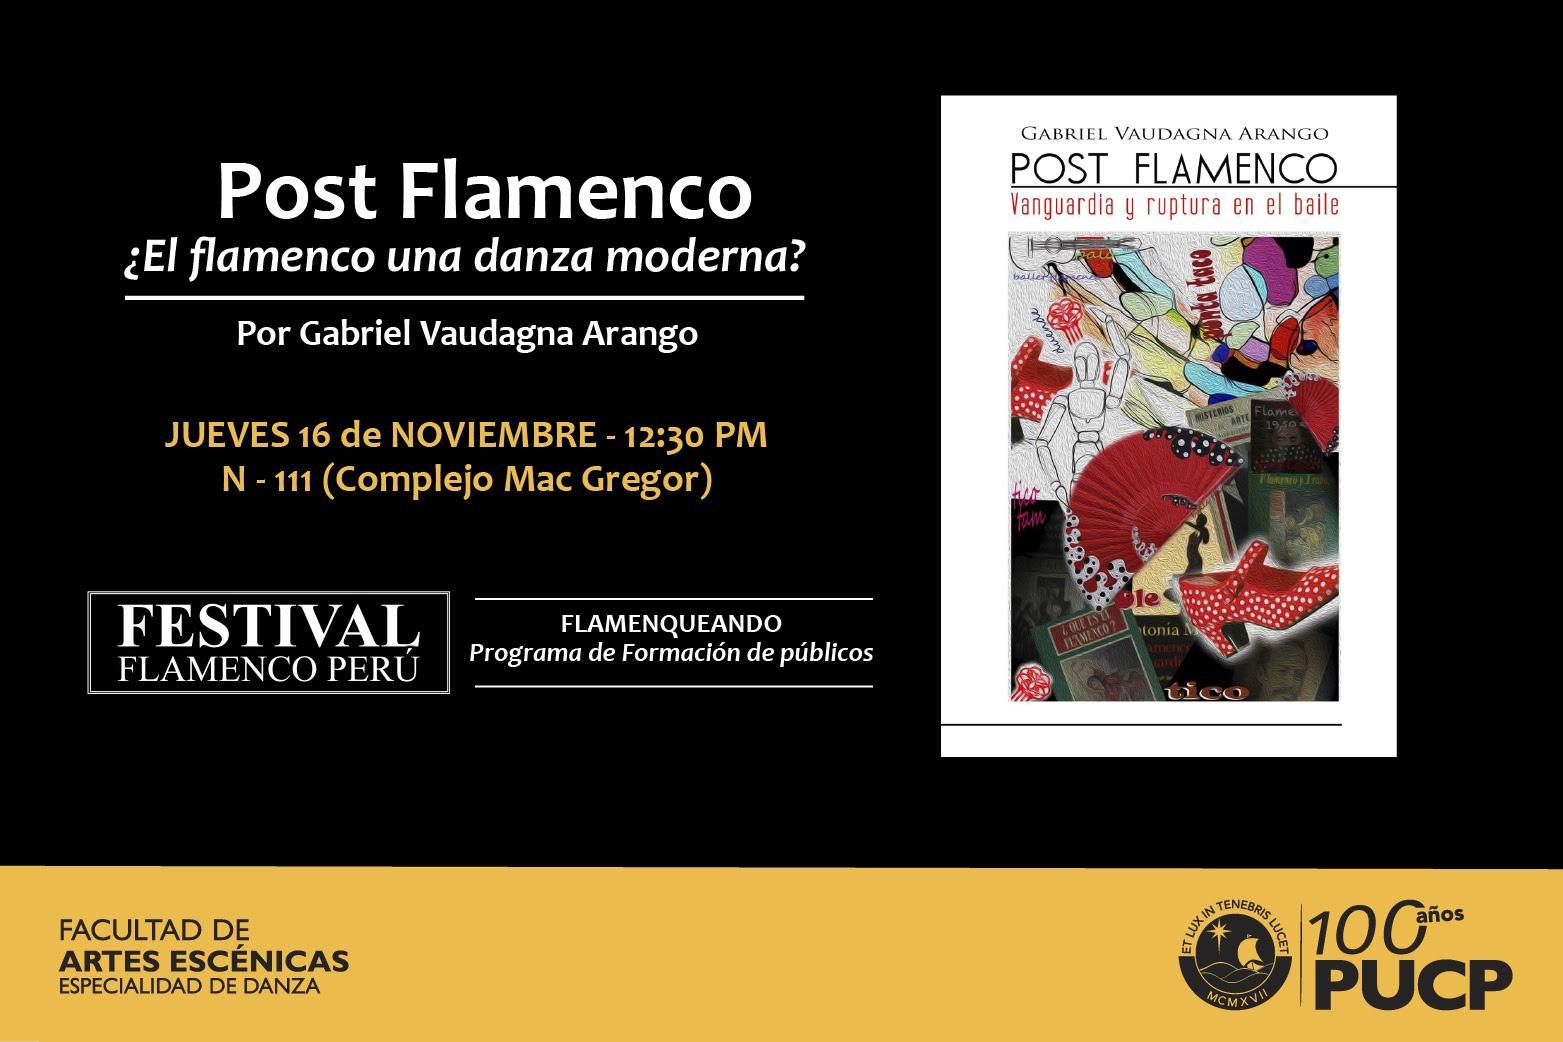 Festival Flamenco Peru